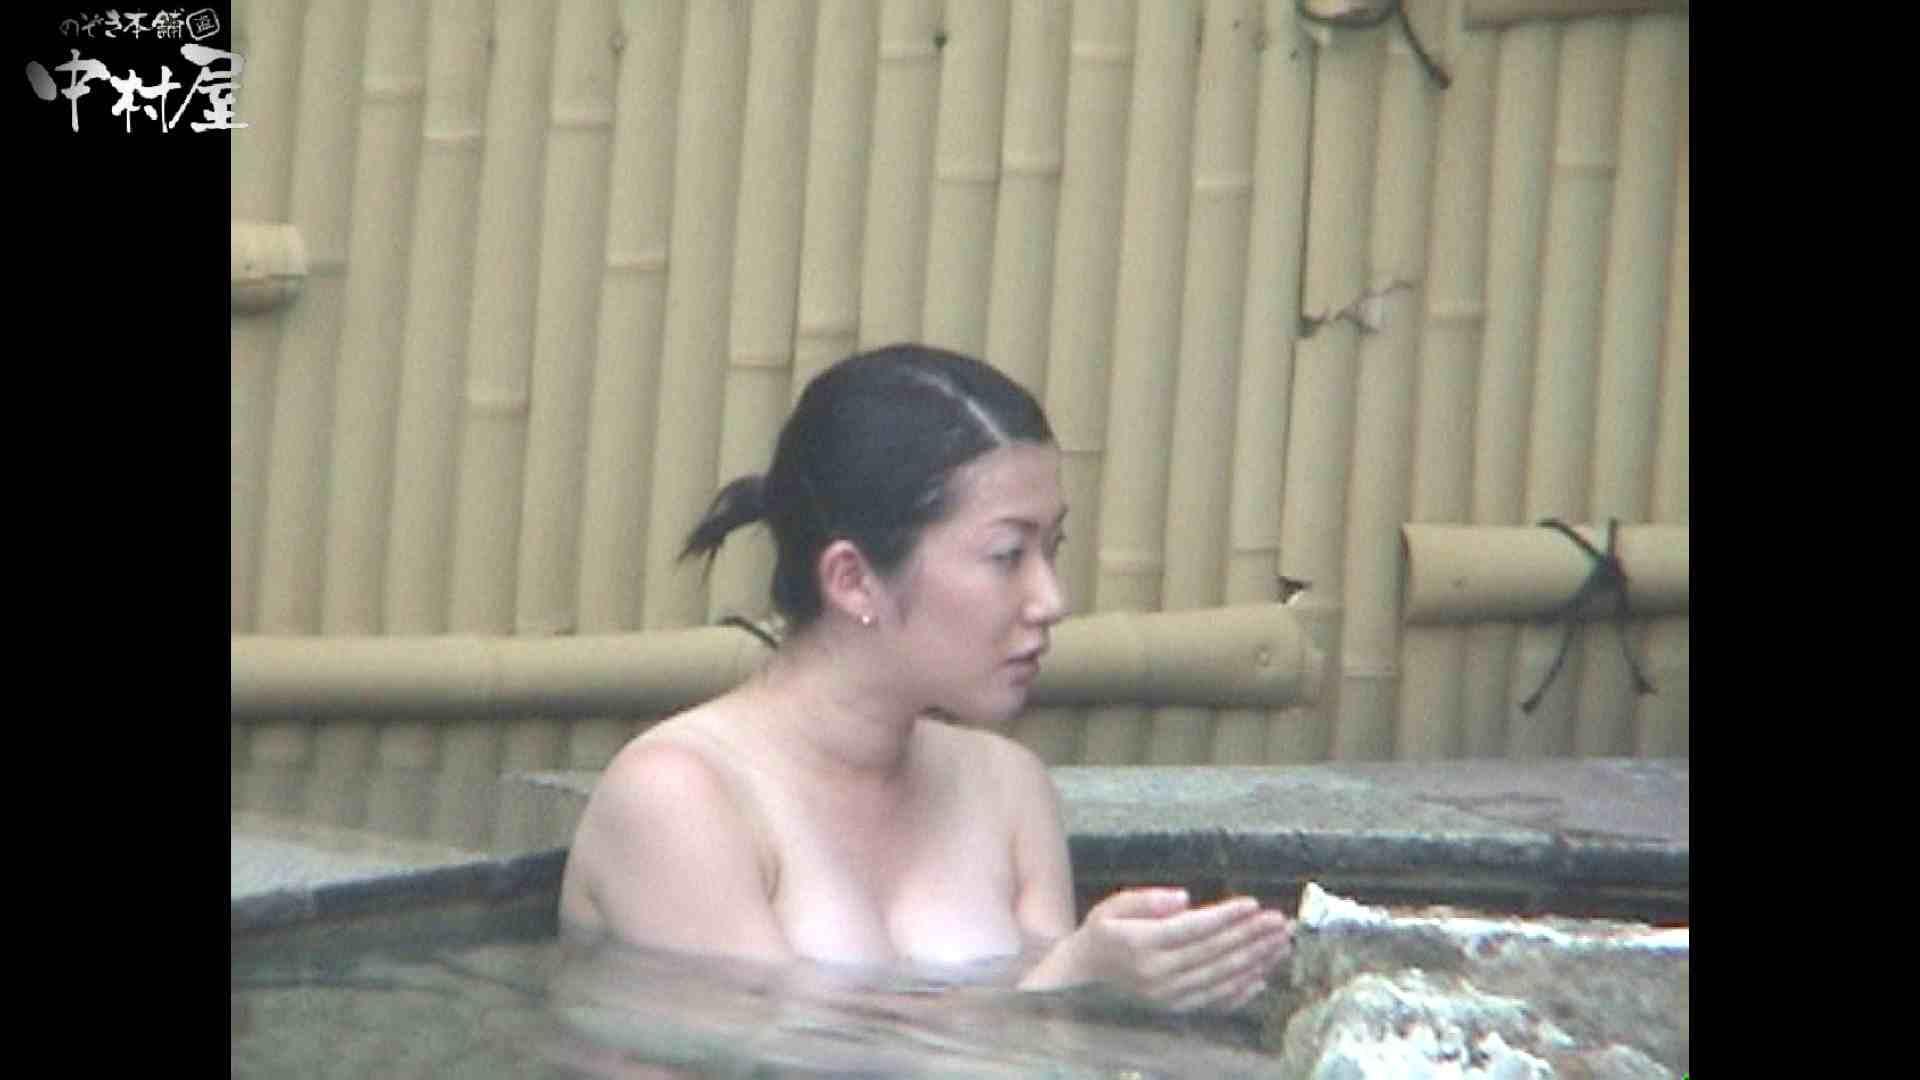 Aquaな露天風呂Vol.961 OL女体   女体盗撮  65連発 58